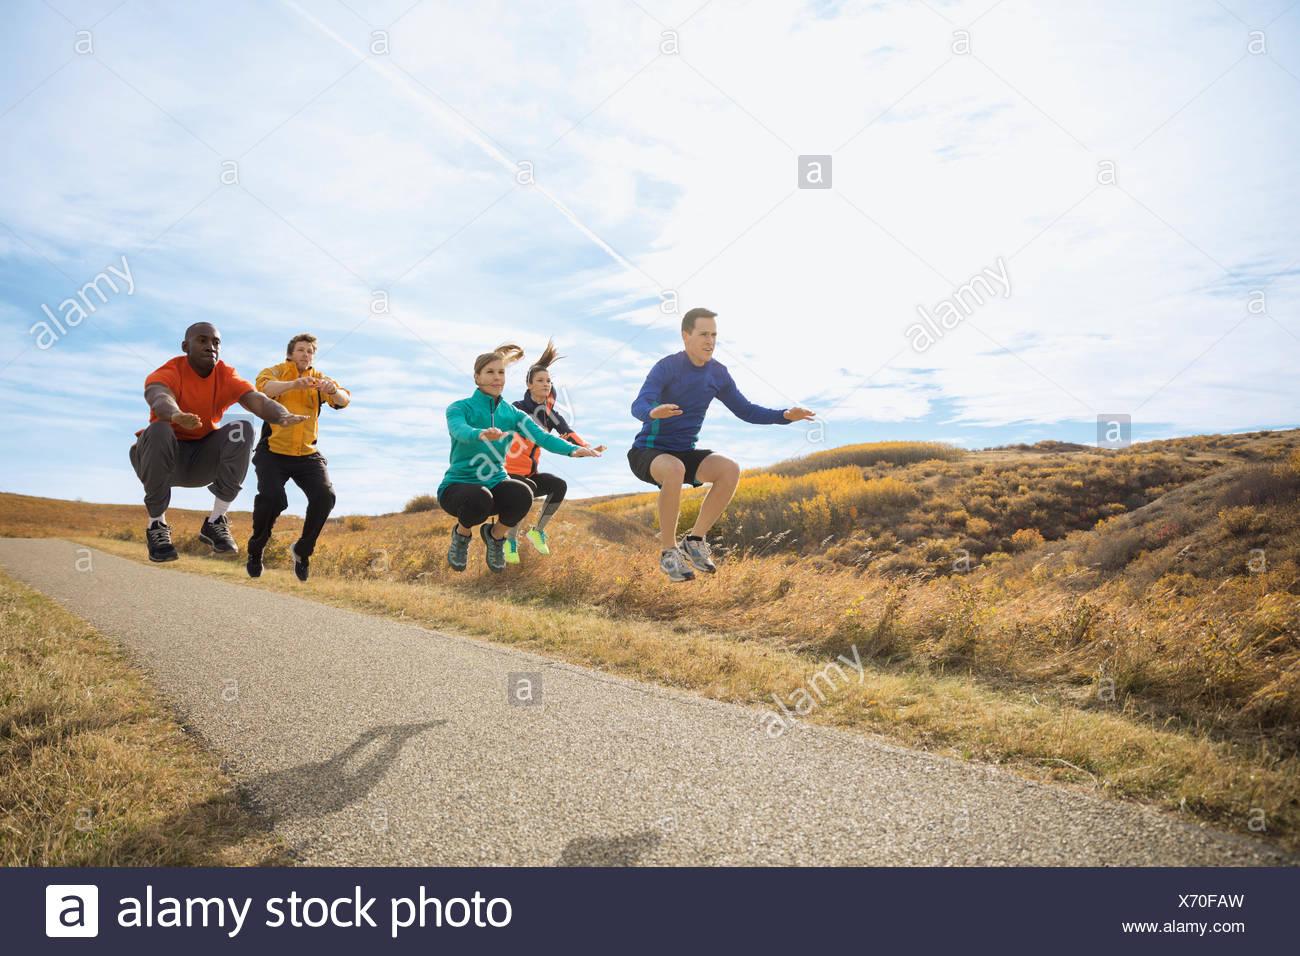 Grupo de gimnasia saltando sobre camino rural Imagen De Stock